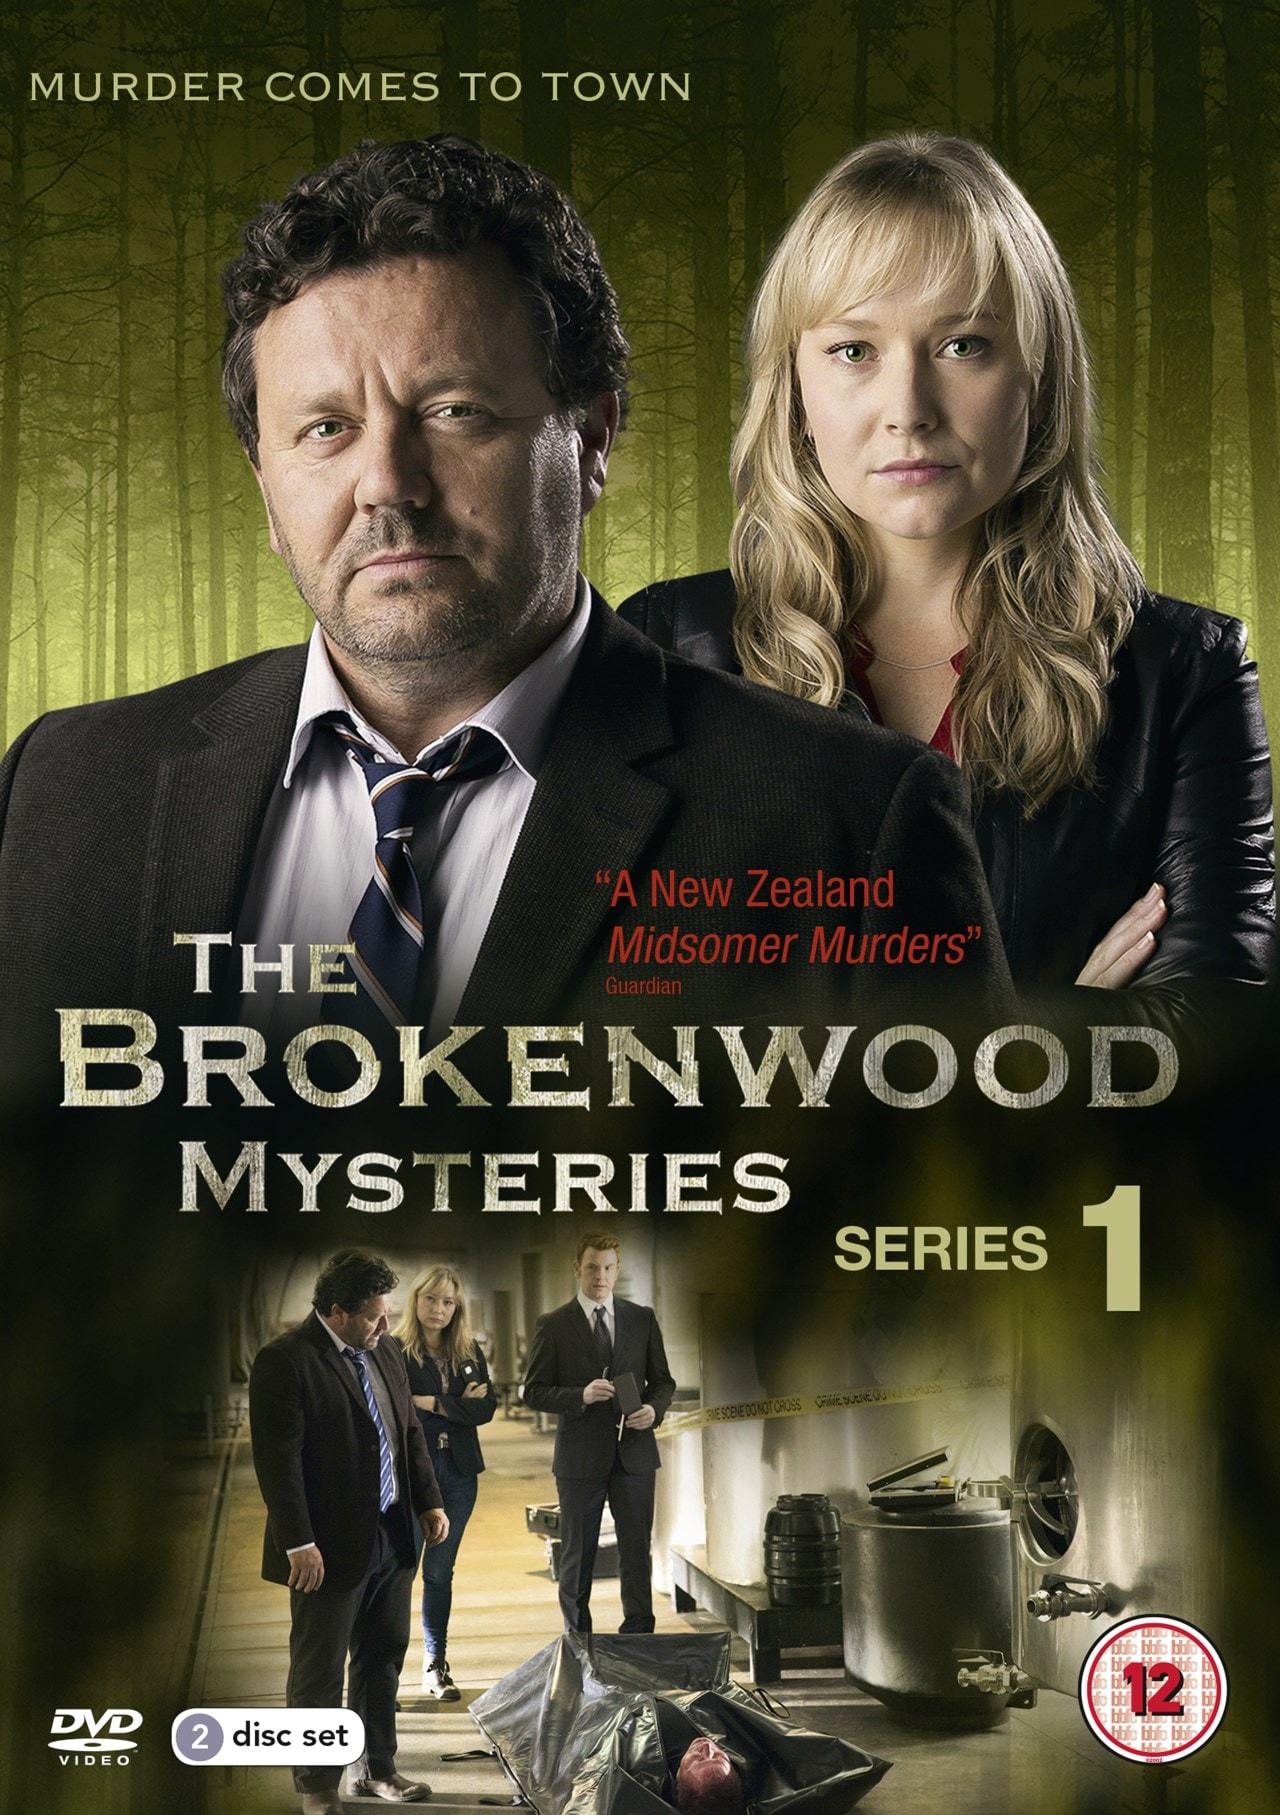 The Brokenwood Mysteries: Series 1 - 1